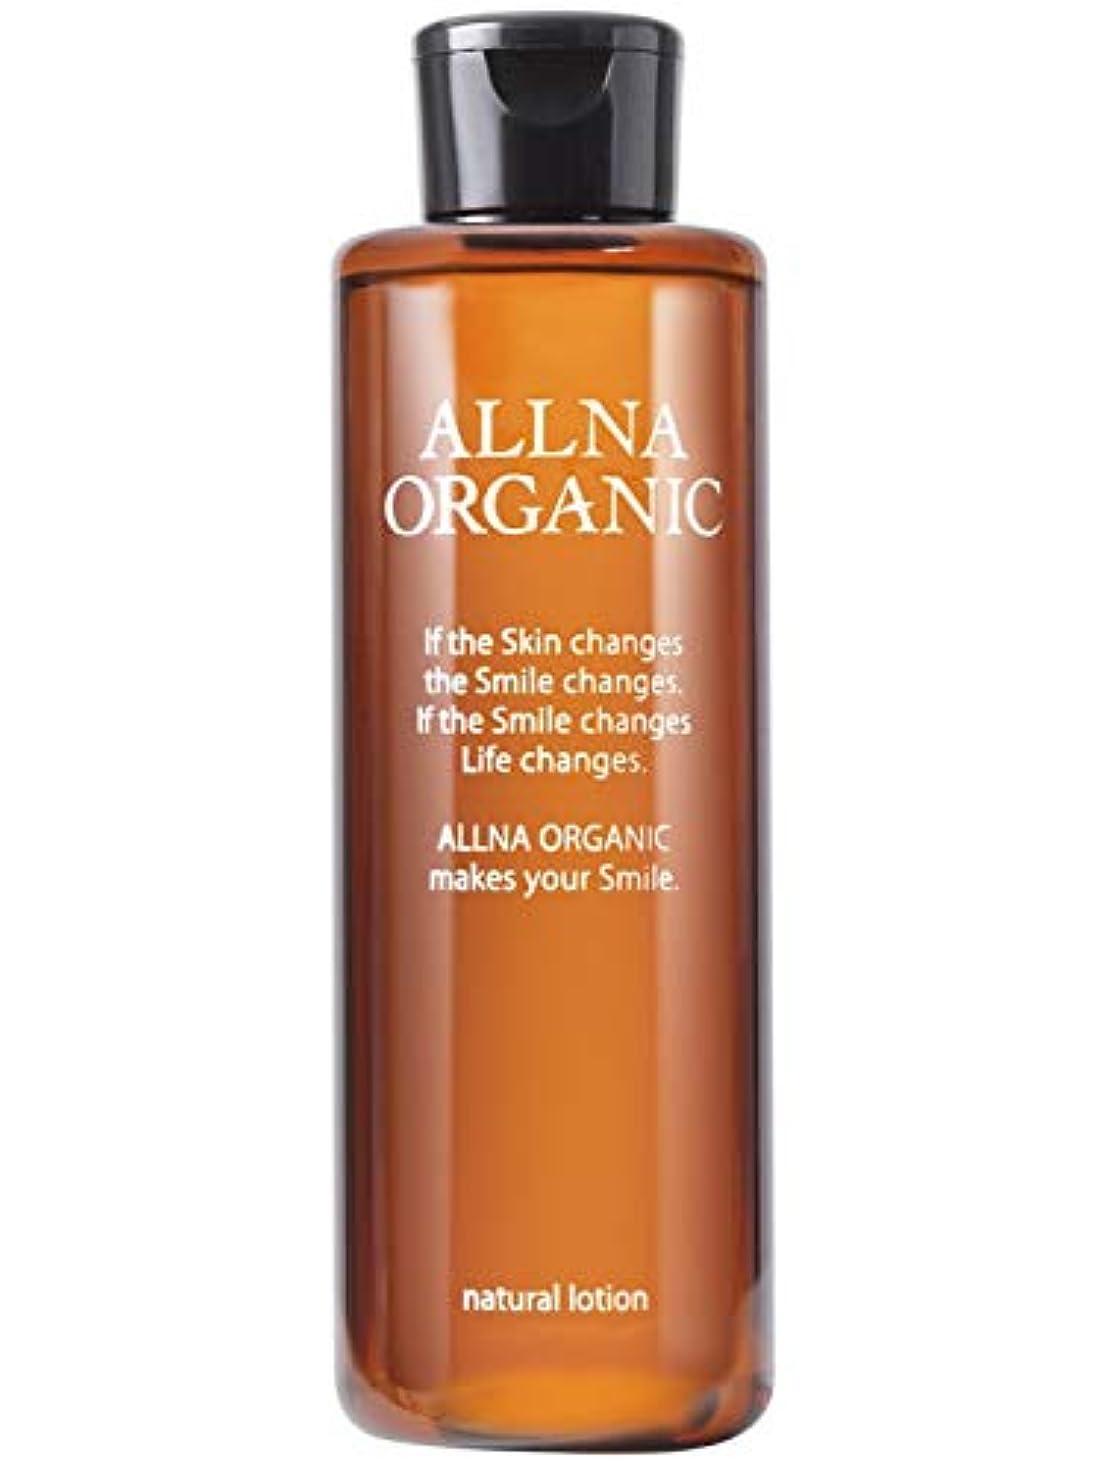 タールできるトレーニングオルナ オーガニック 化粧水 「 保湿 乾燥 かさつき 用」「 コラーゲン ビタミンC誘導体 ヒアルロン酸 セラミド 配合」200ml